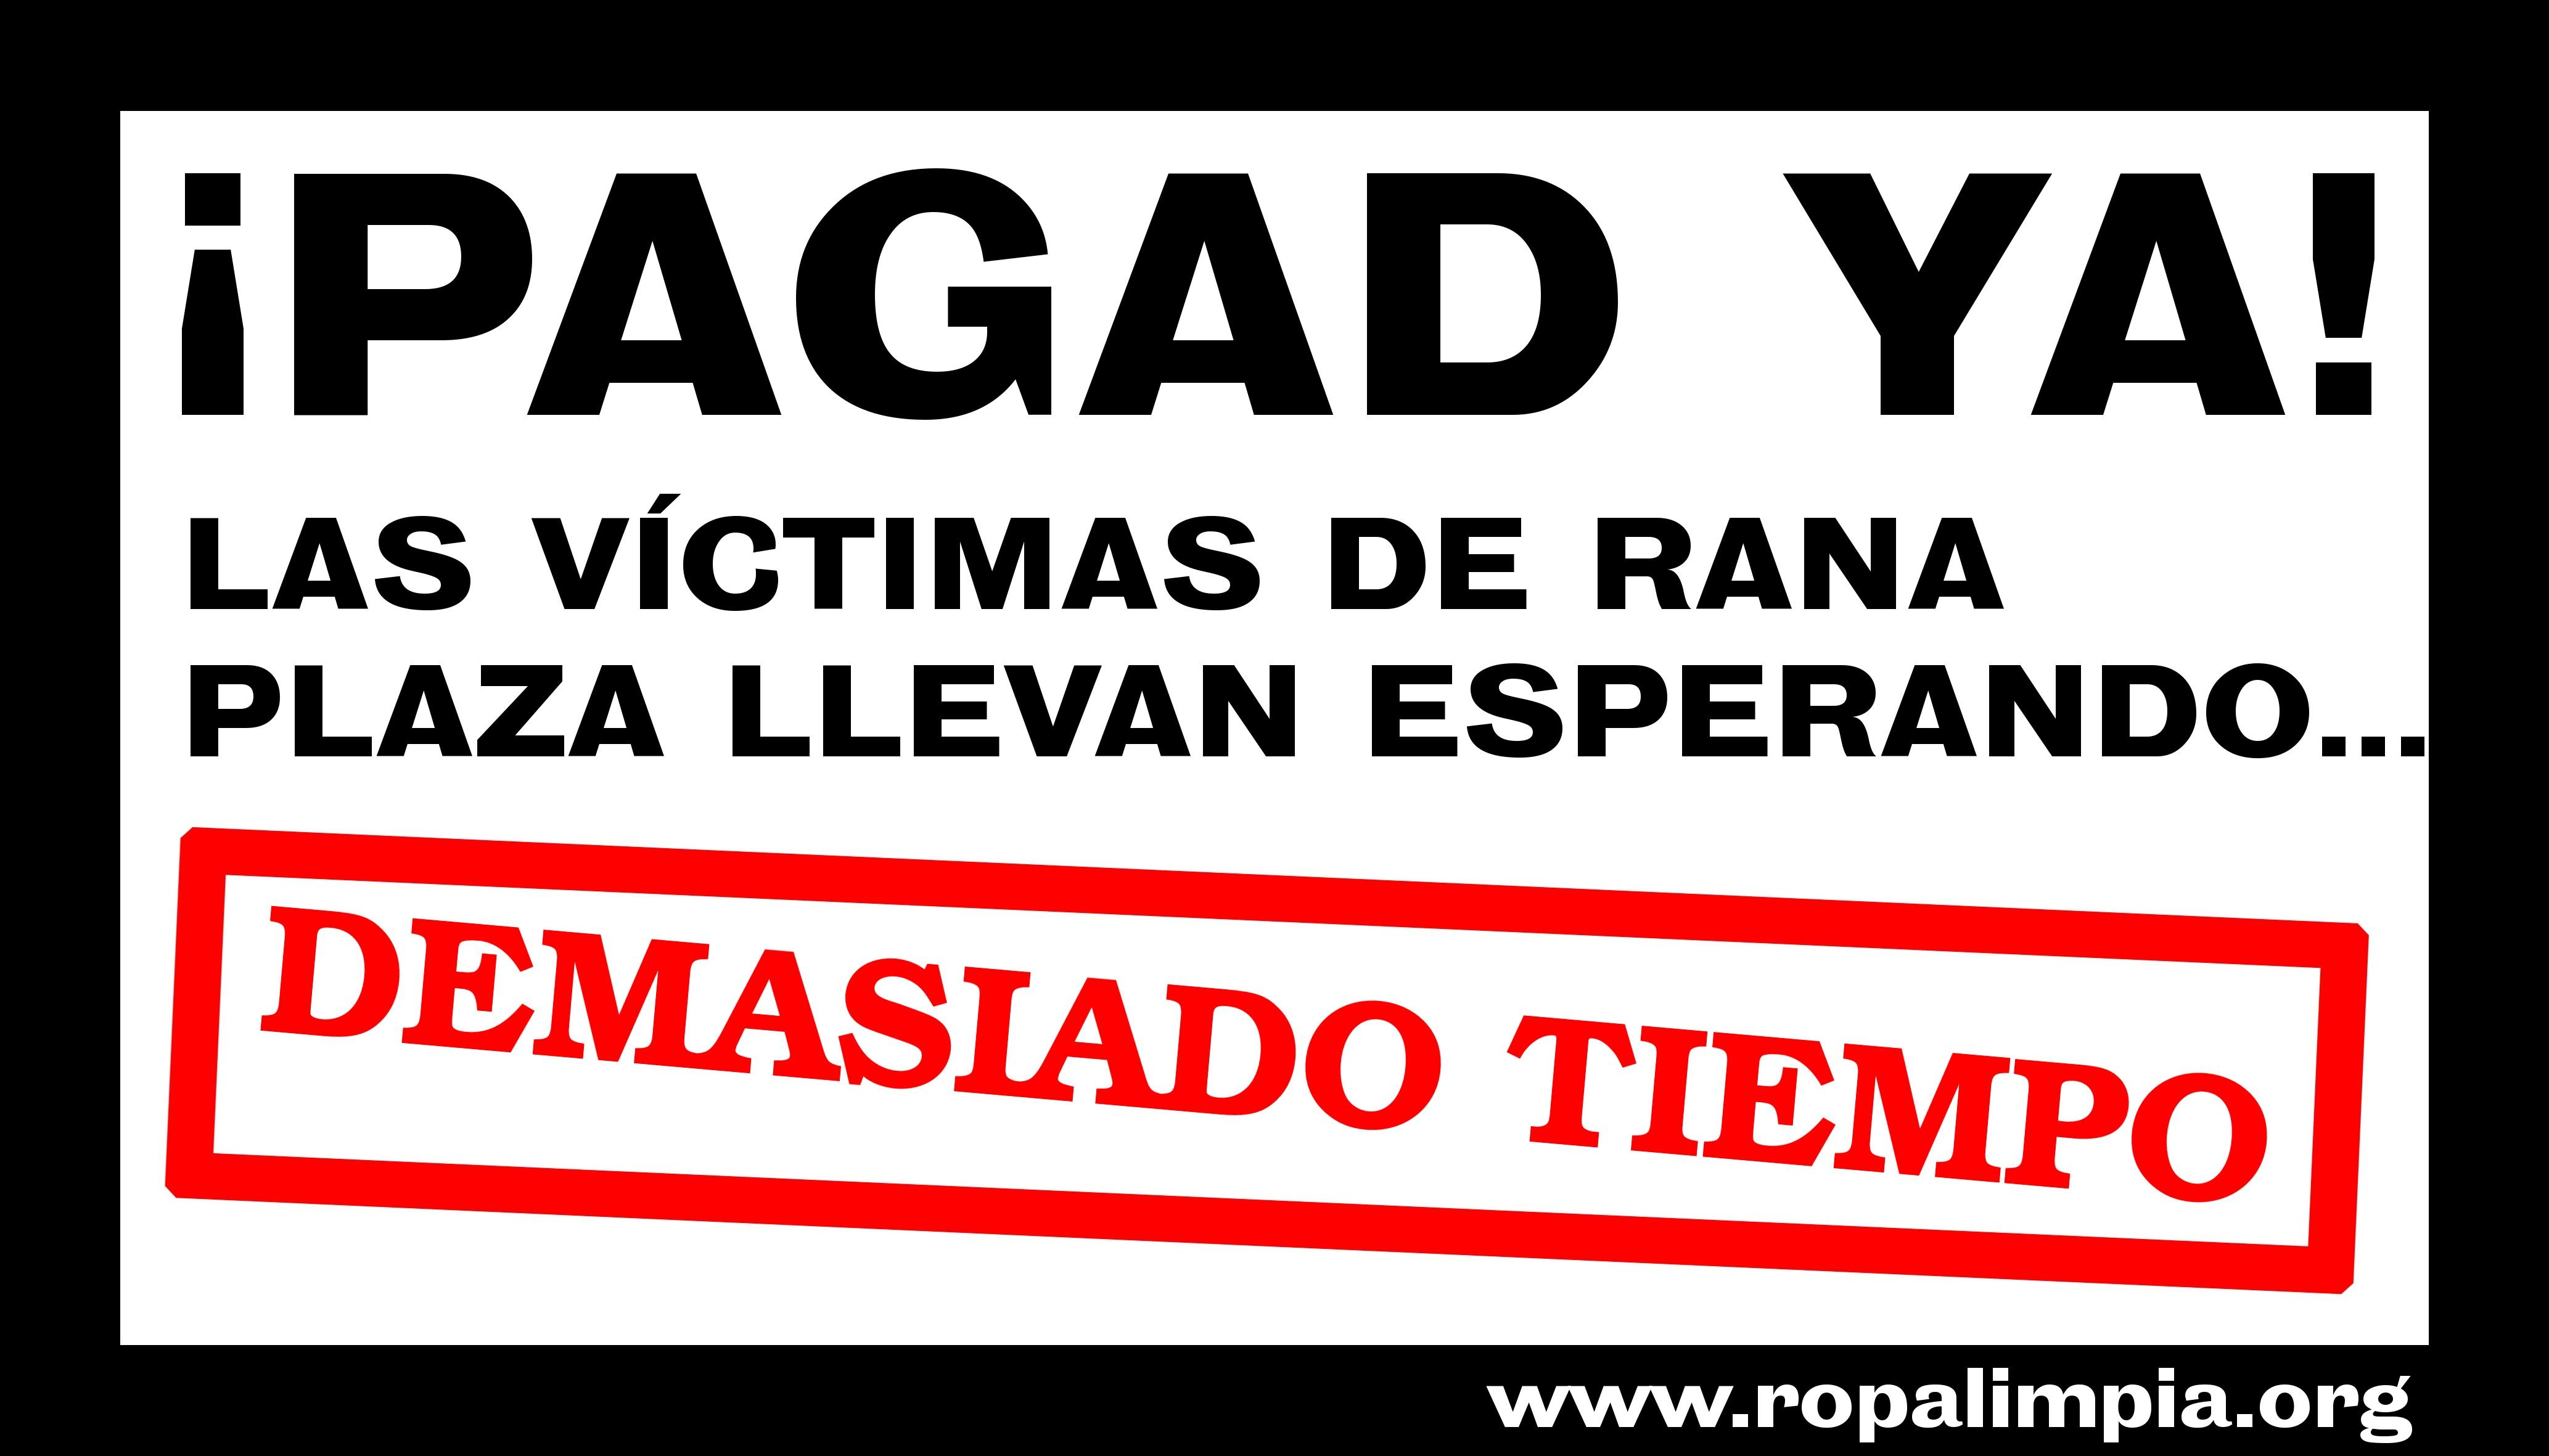 Lanzamiento campaña ¡PAGAD YA!